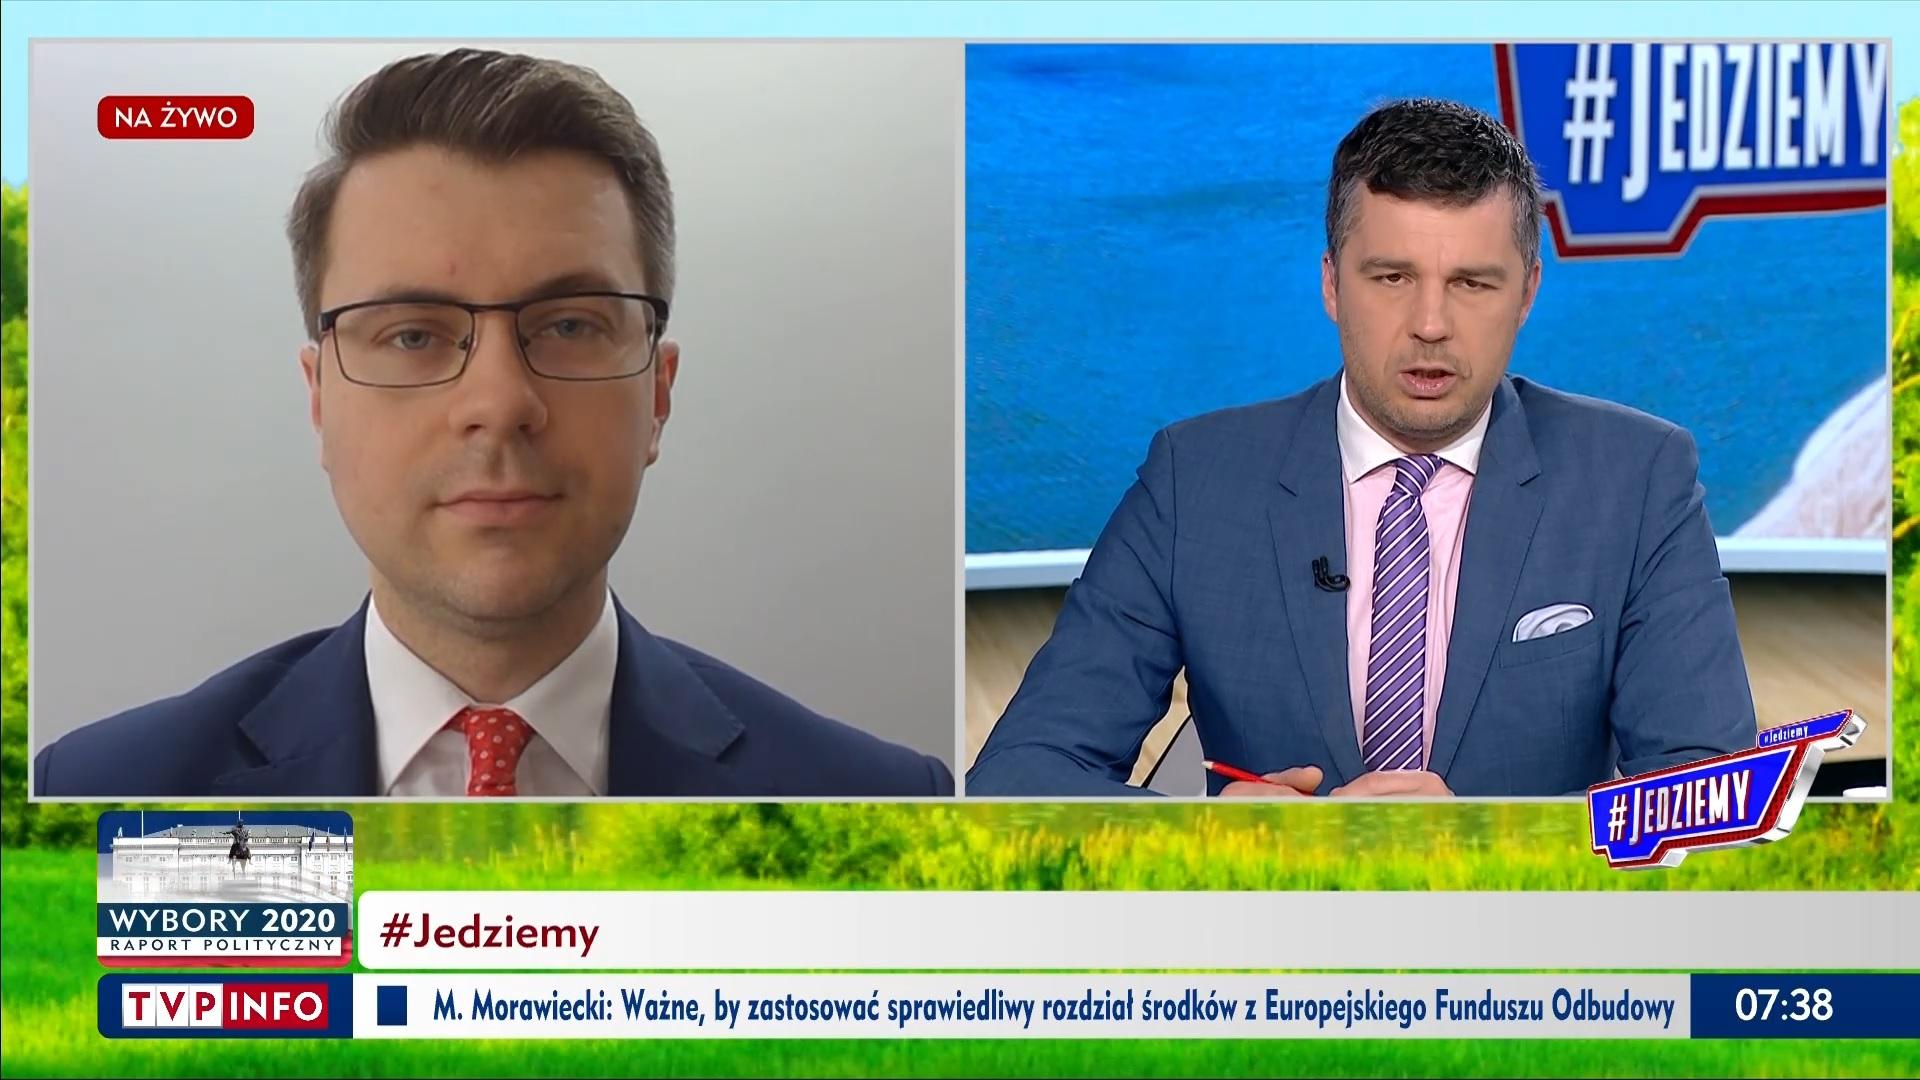 Nie chcemy wprowadzania przymusu w kwestii relokacji. Jest to stanowisko Polski, które pozostanie niezmienne póki rządzi Prawo i Sprawiedliwość. Ważna w tej kwestii jest pomoc Prezydenta, który wzmocni to spójne stanowisko.